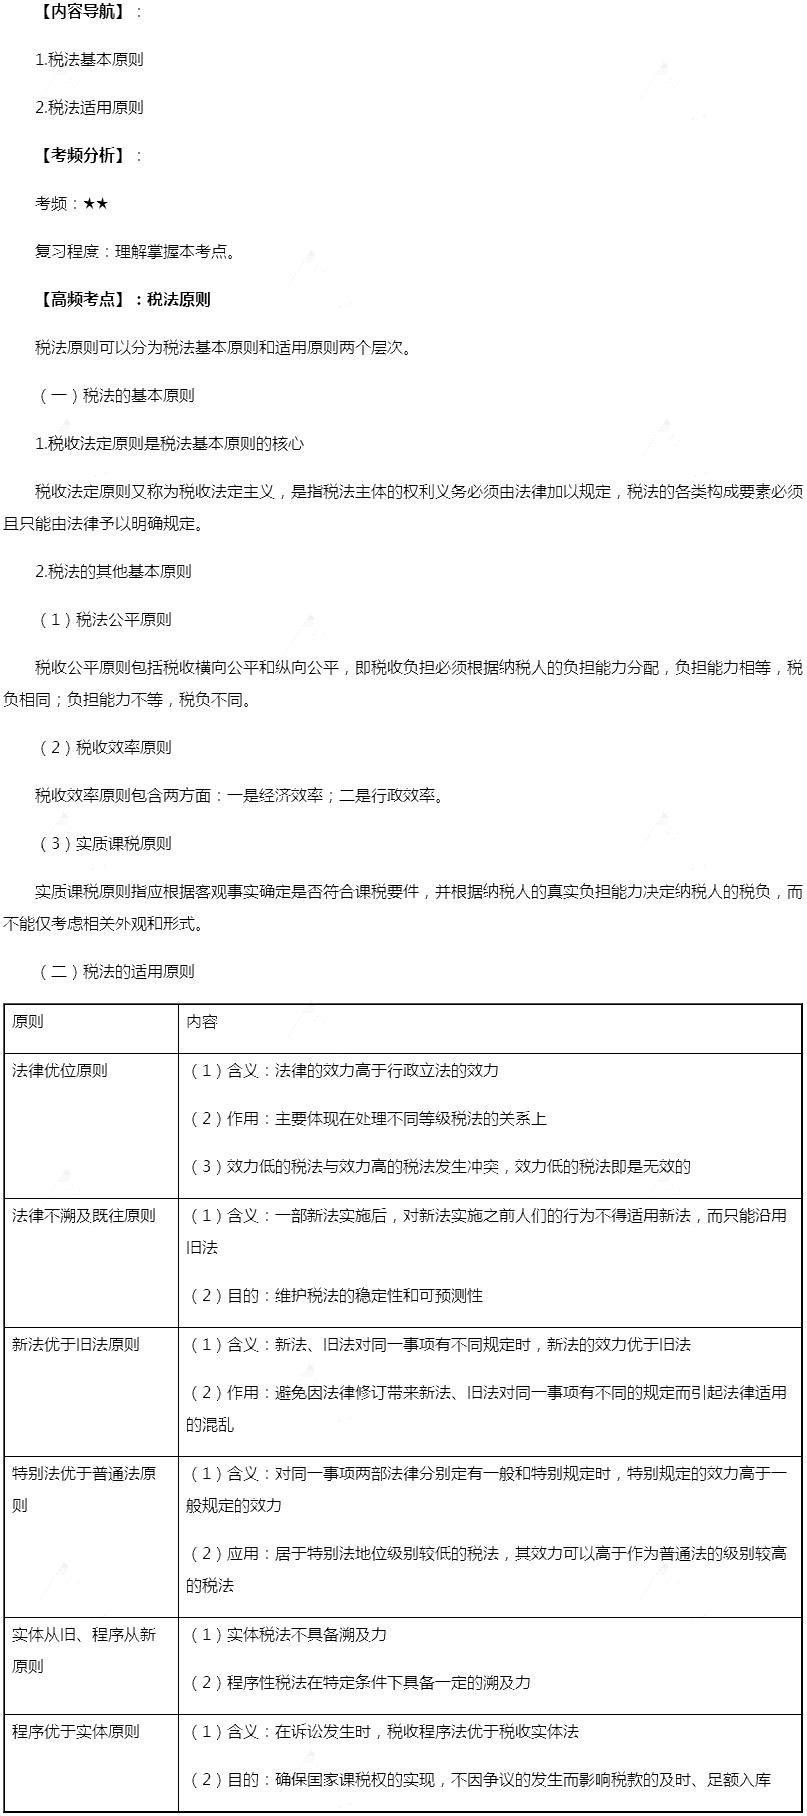 2019注册会计师《税法》高频考点:税法原则